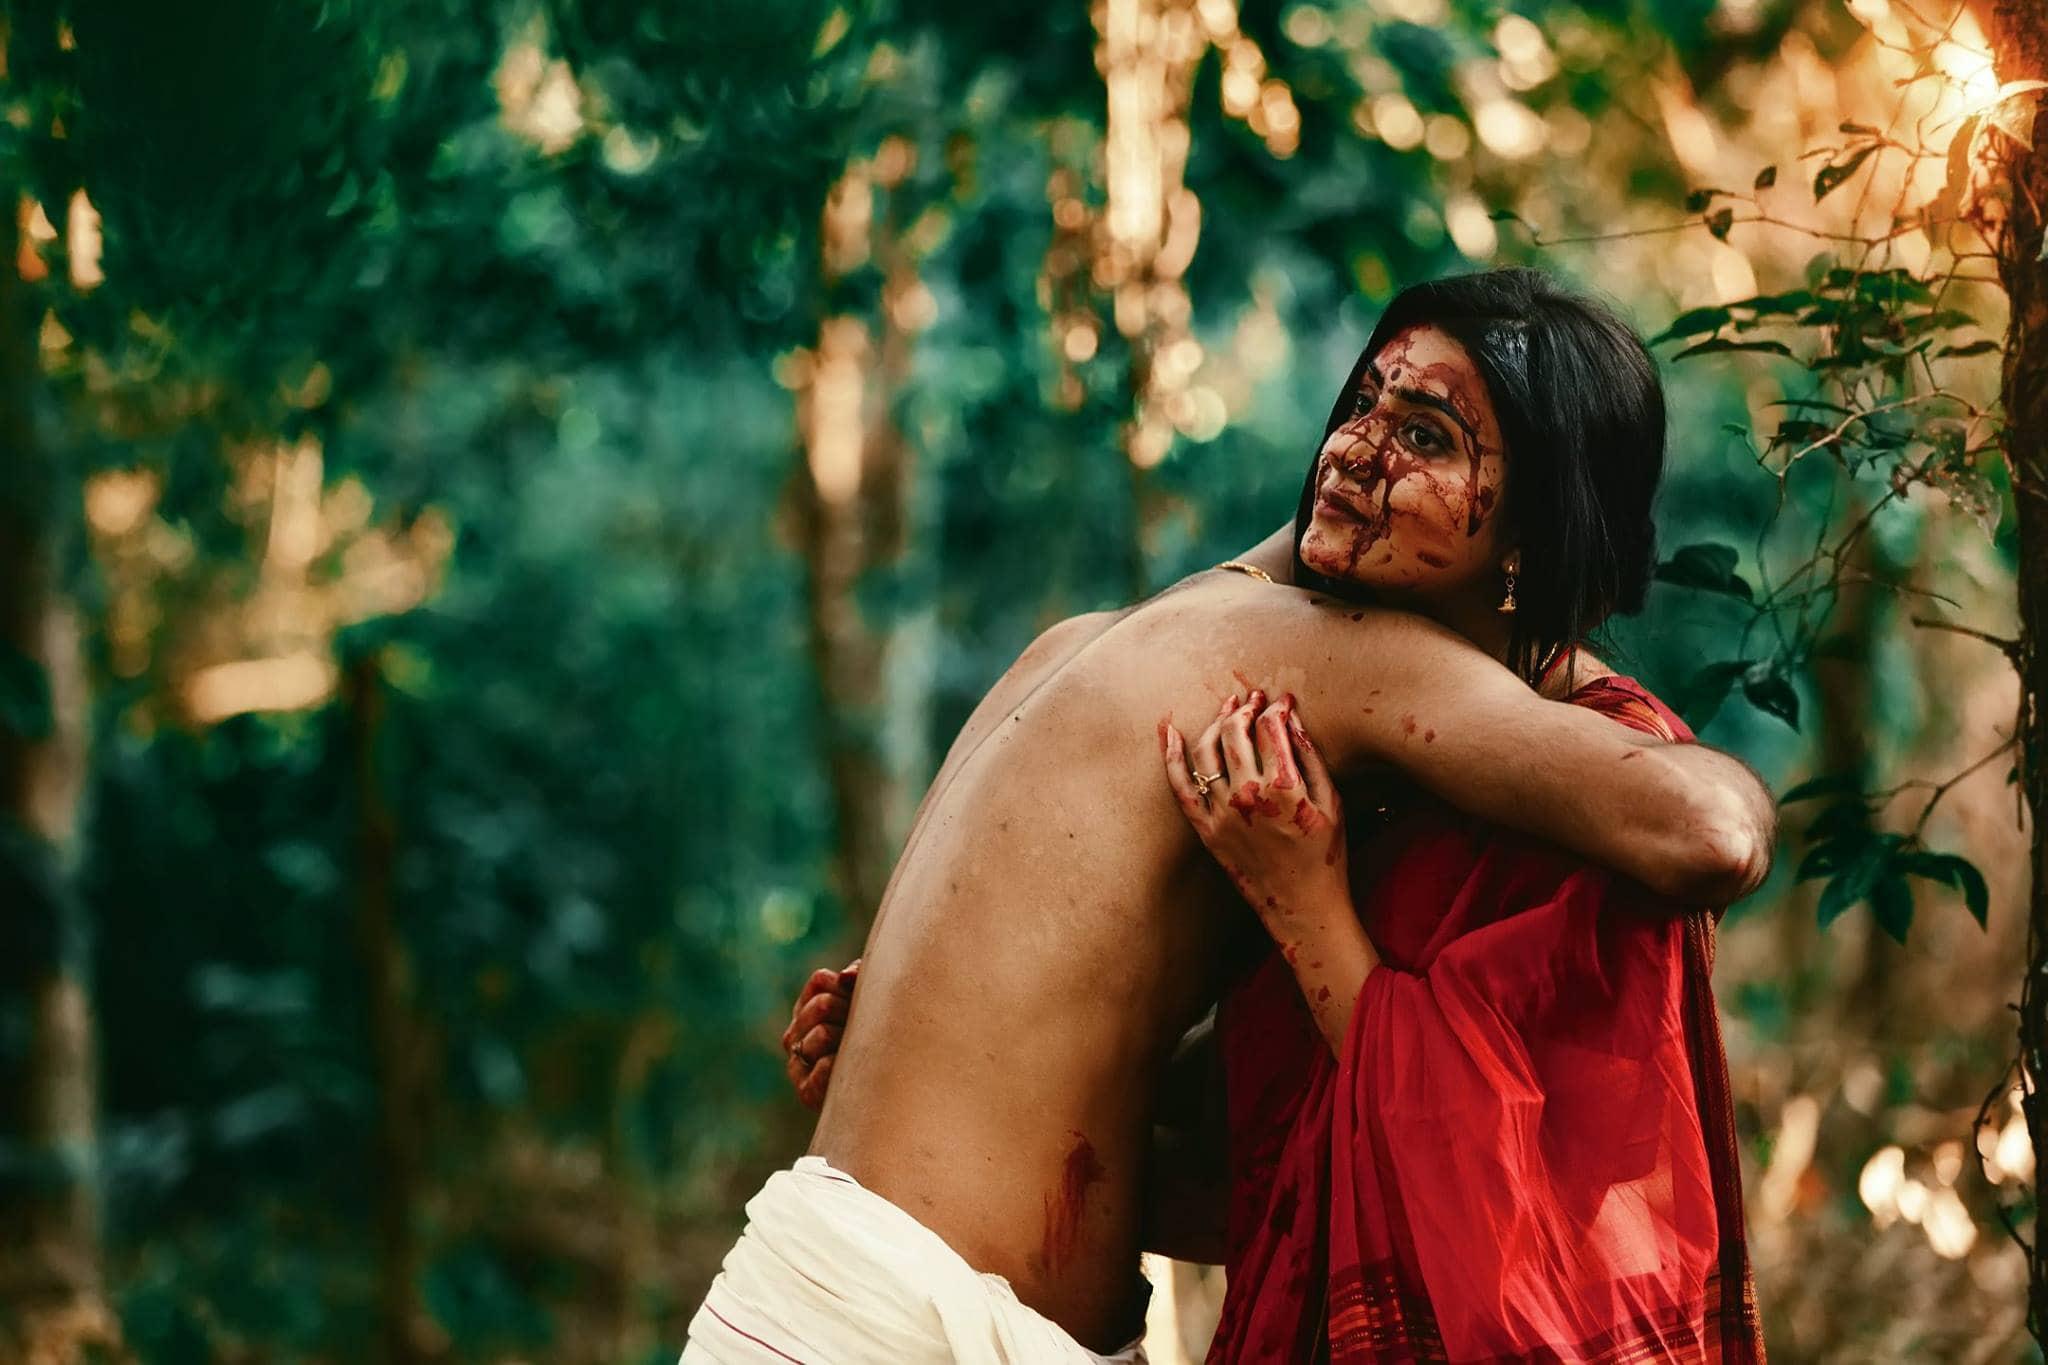 An-Award-winning-photo-story-Avani-By-Arjun-Kamath-18